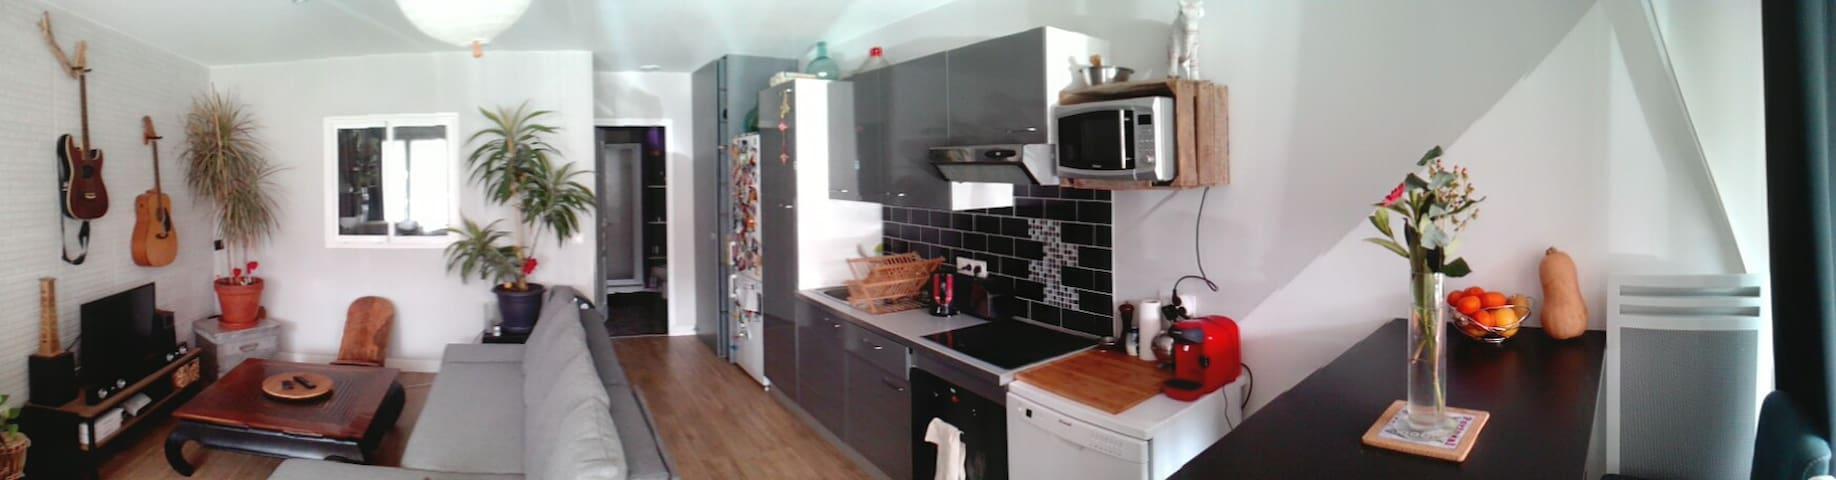 Appartement F2 location à la semaine 650E - Saint-Pée-sur-Nivelle - 公寓